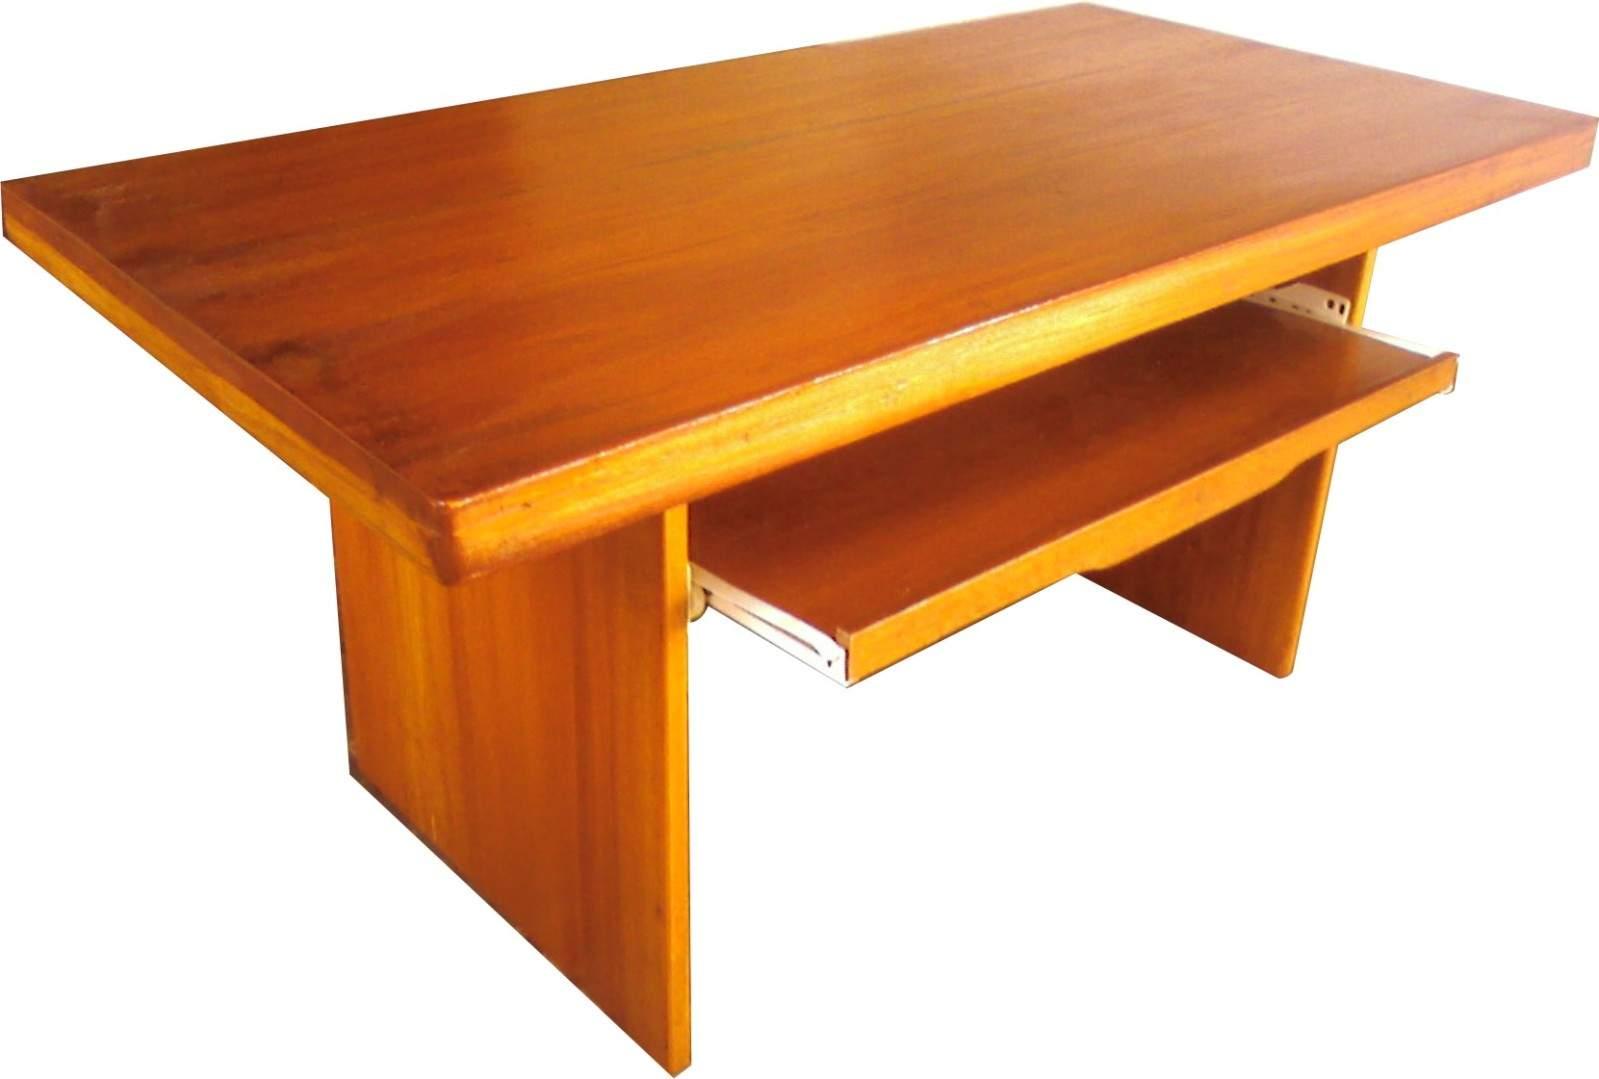 Tag: meja belajar, meja anak, meja makan, meja kantor, meja komputer ...